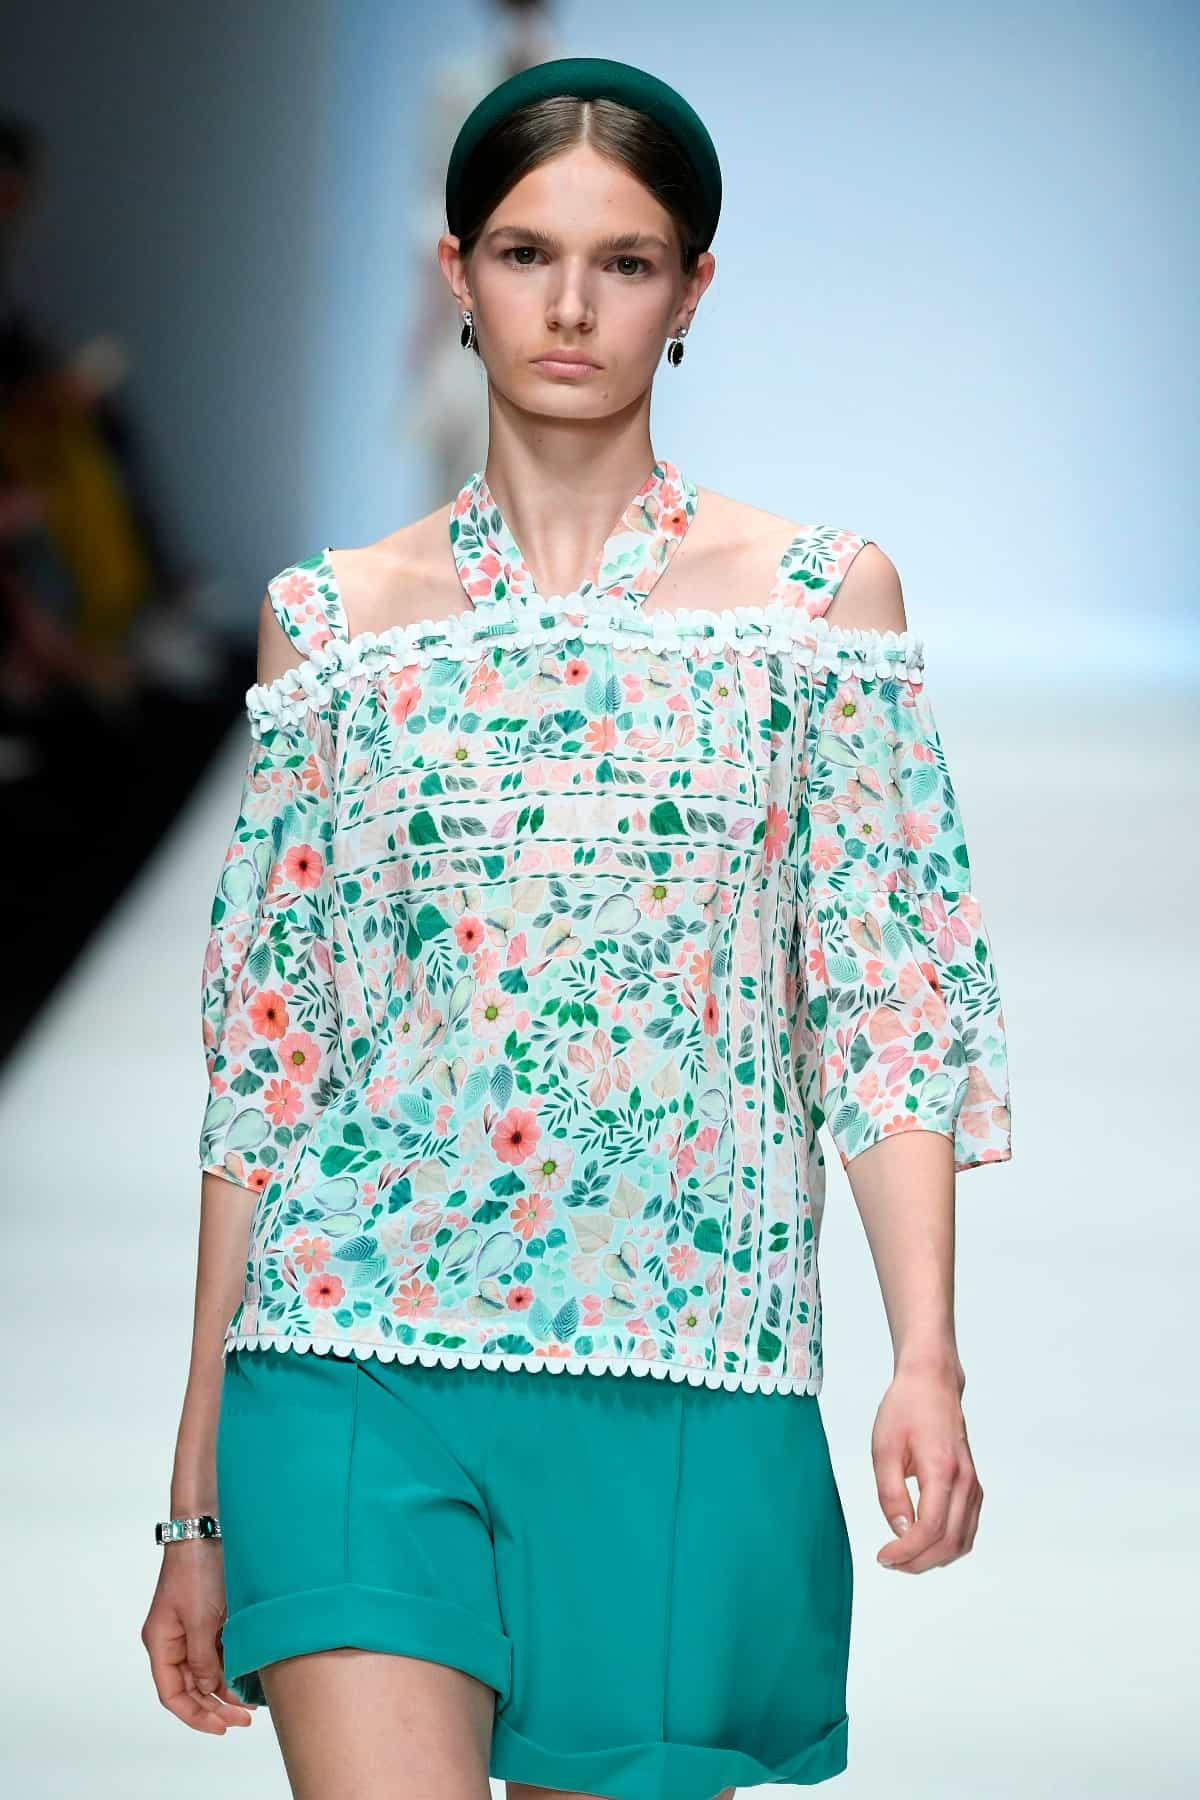 Mode von Riani Kollektion Frühjahr-Sommer 2020 zur Fashion Week Berlin im Juli 2019 - 3